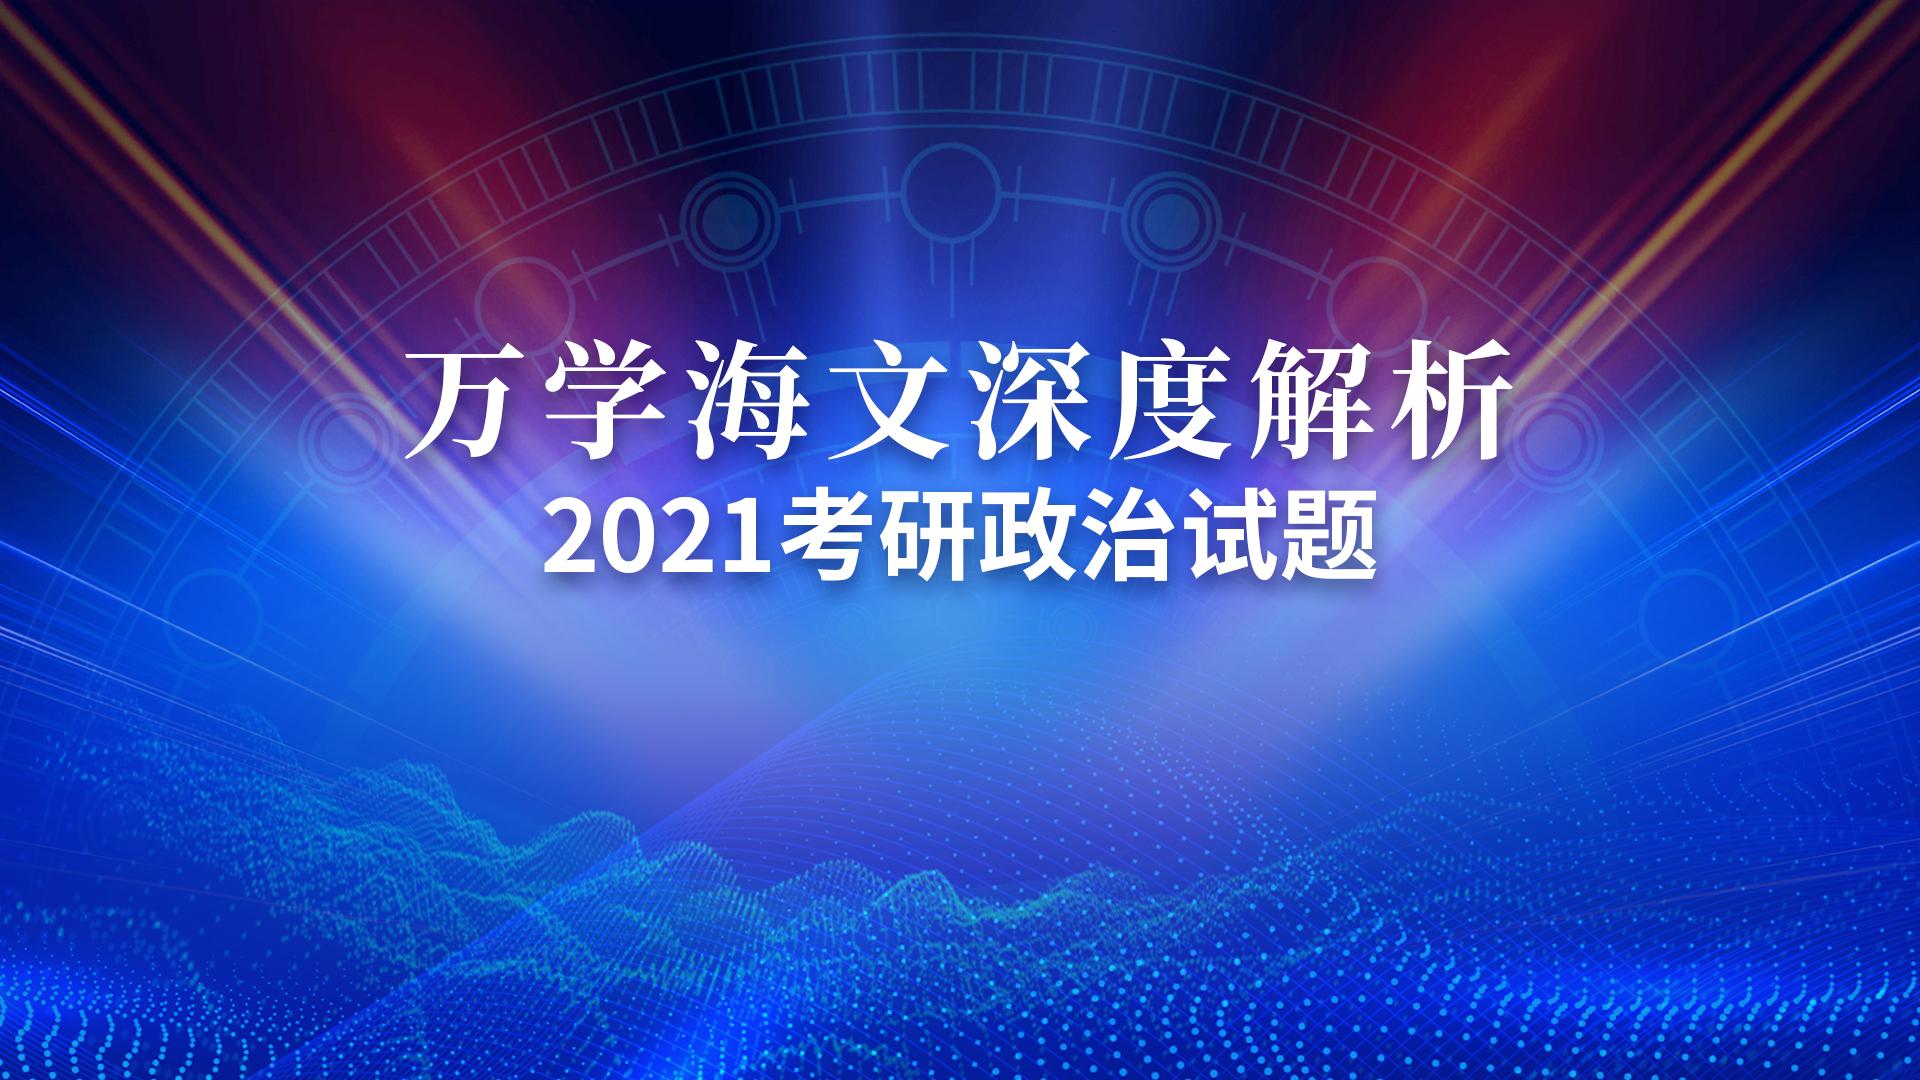 万学海文老师郭继武做客搜狐教育解析2021考研政治试题